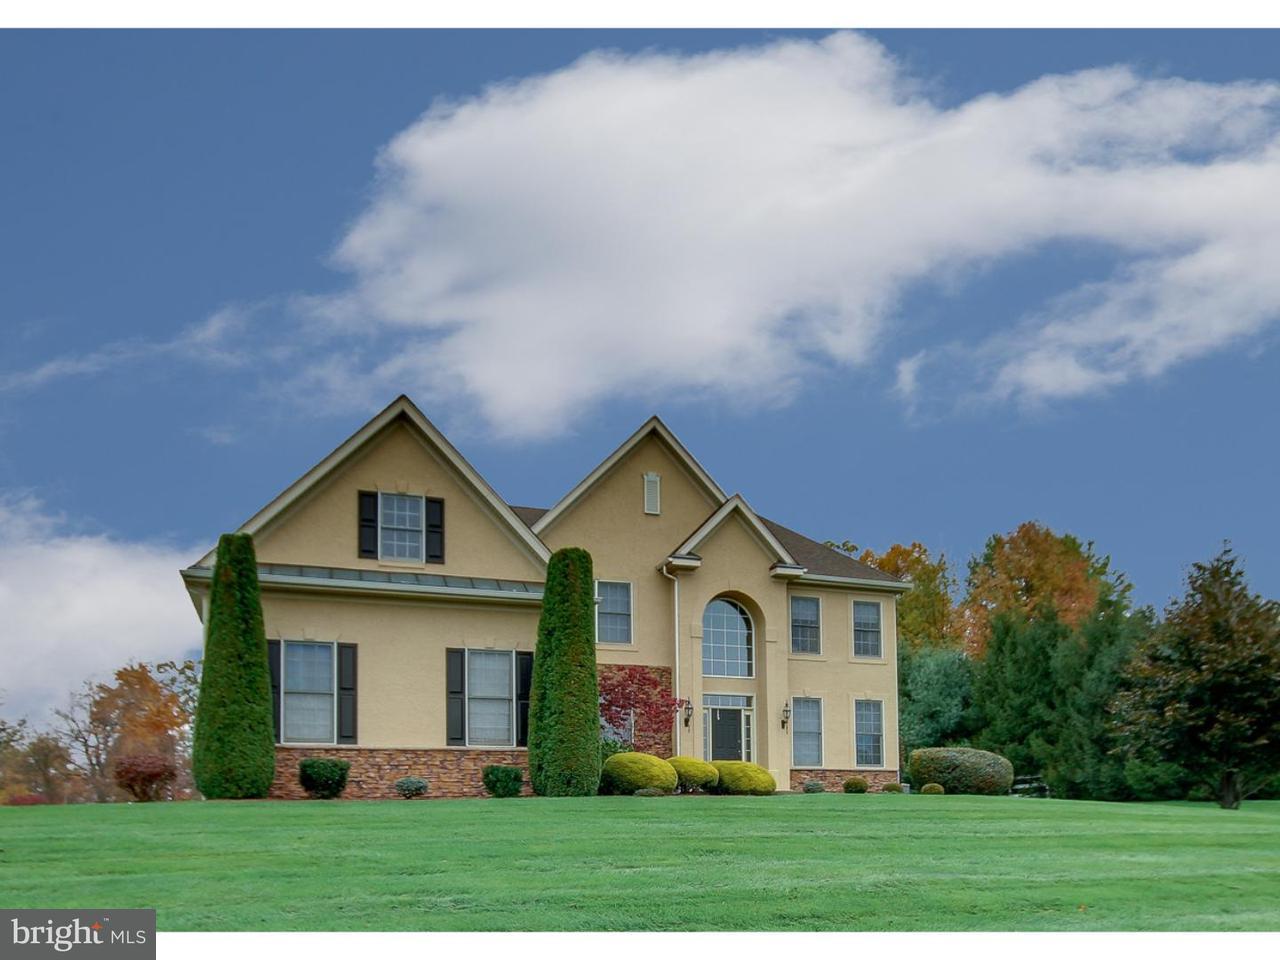 Частный односемейный дом для того Продажа на 120 PEACH BLOSSOM Lane Ivyland, Пенсильвания 18974 Соединенные Штаты